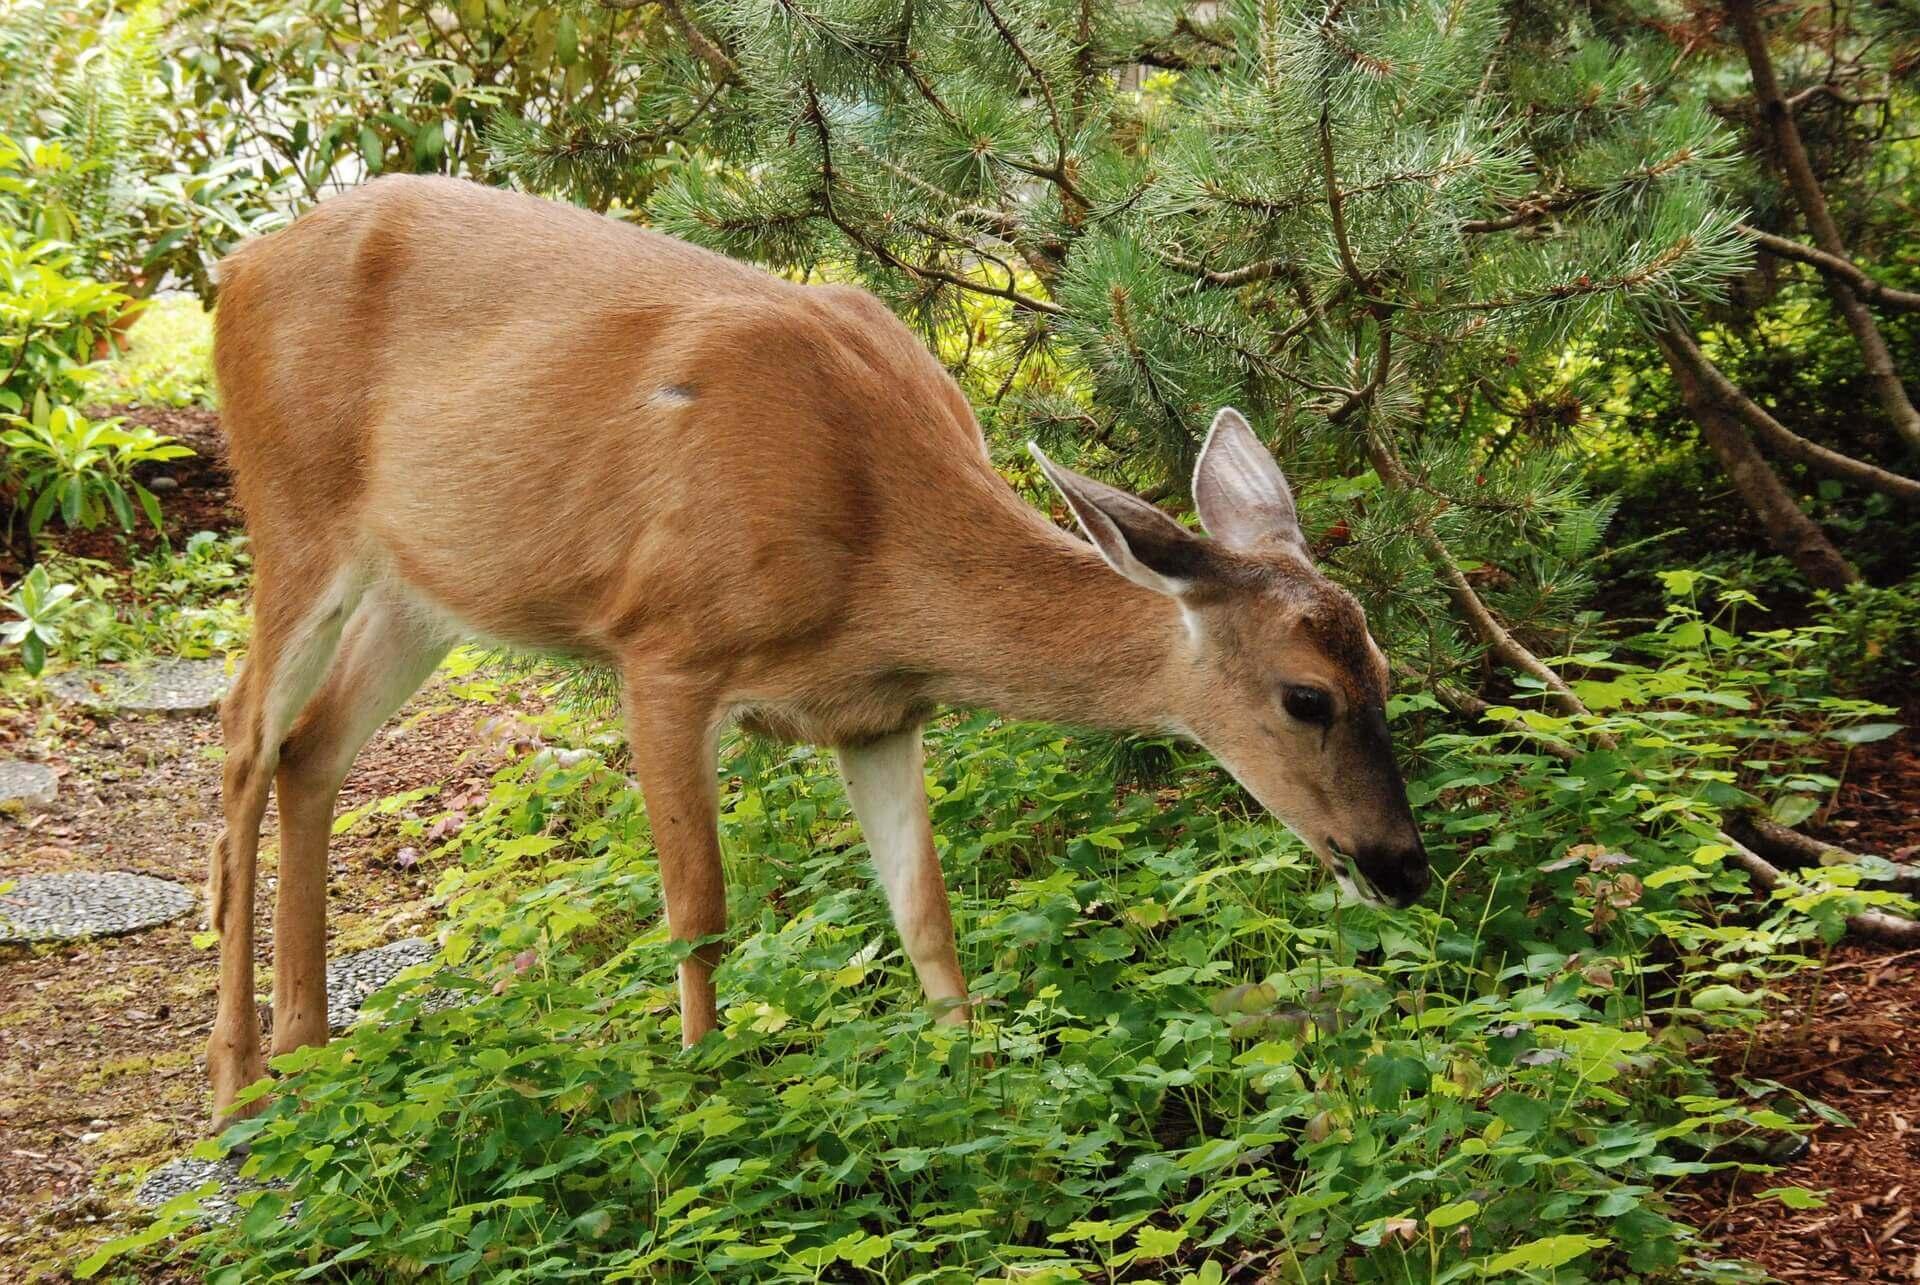 Deer eating vegetation in lawn